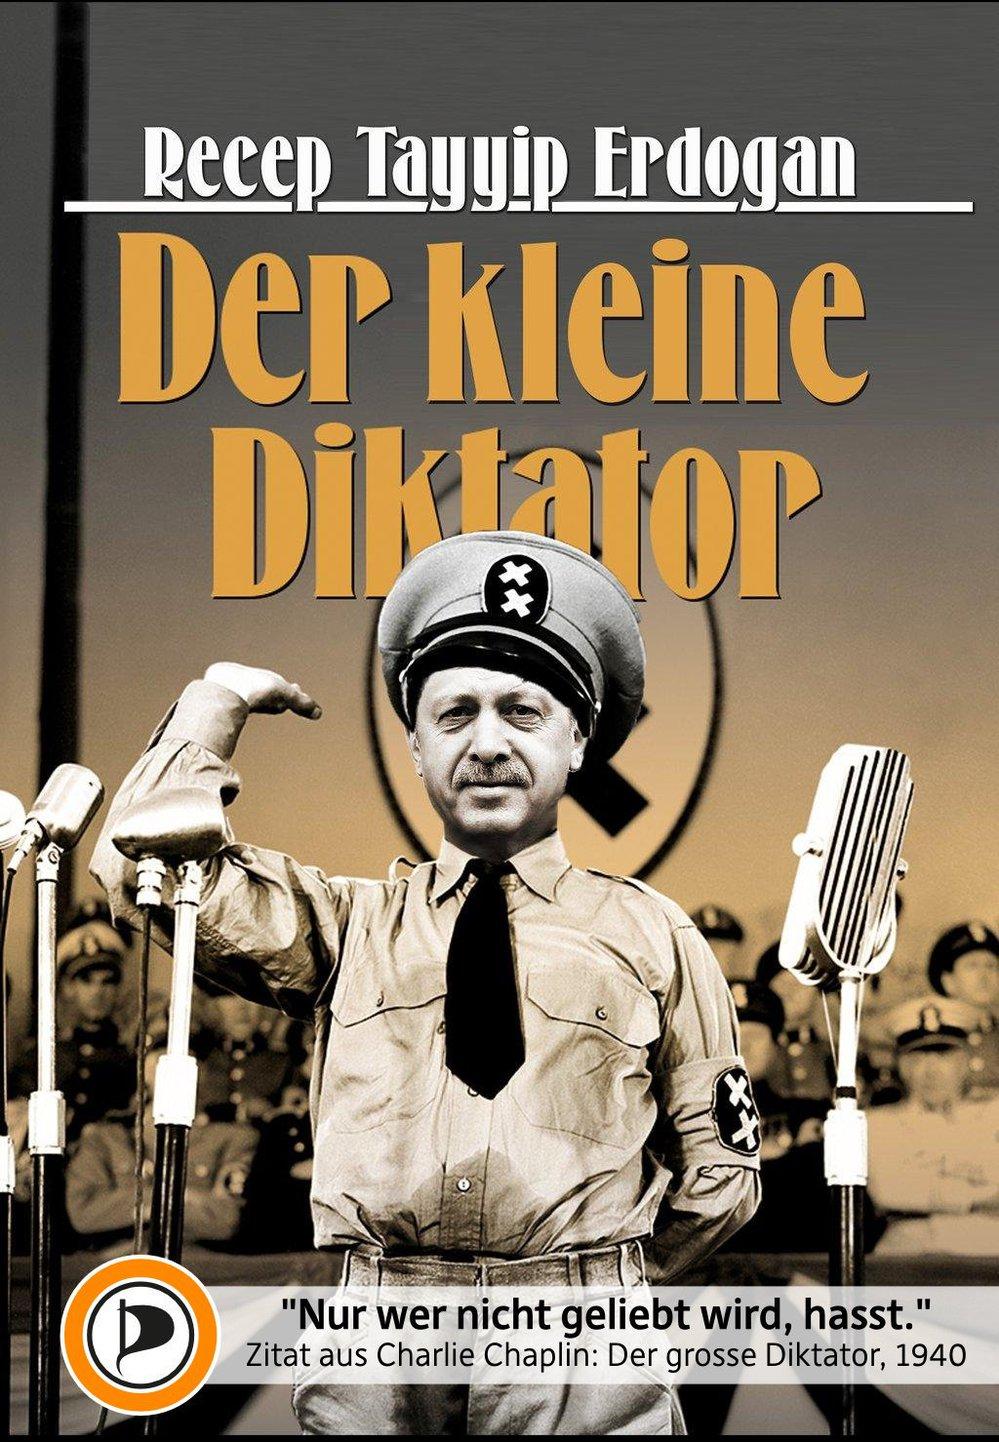 erdogan, der kleine diktator